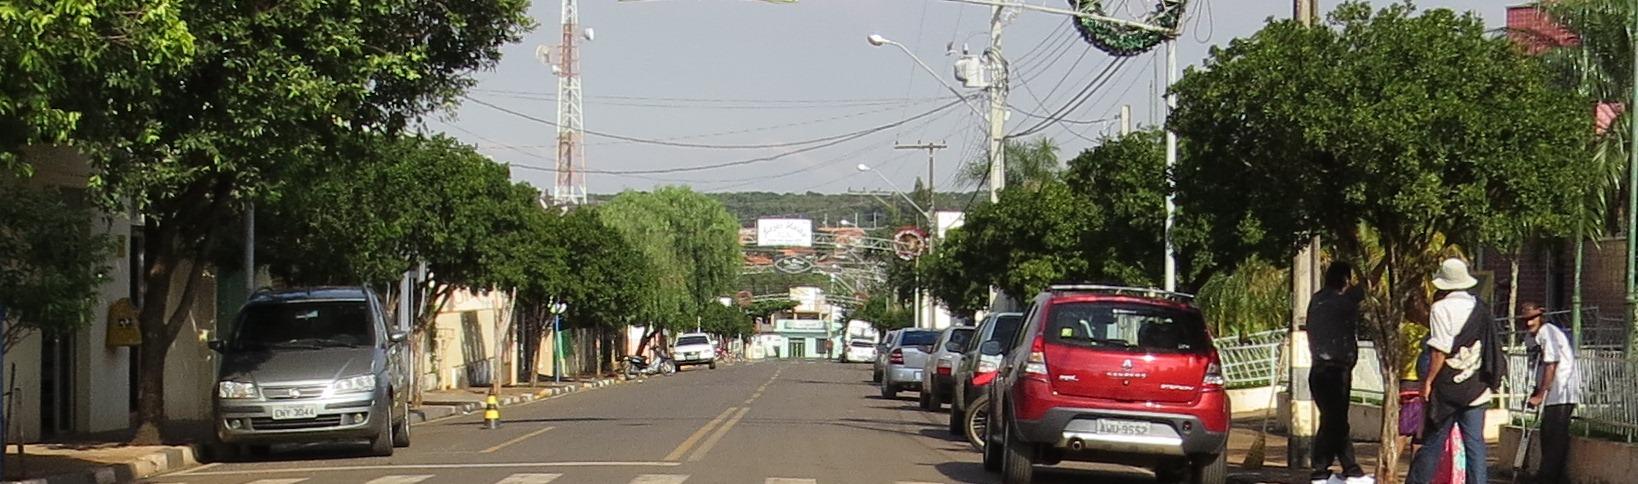 Rua São Paulo e Prefeitura Municipal